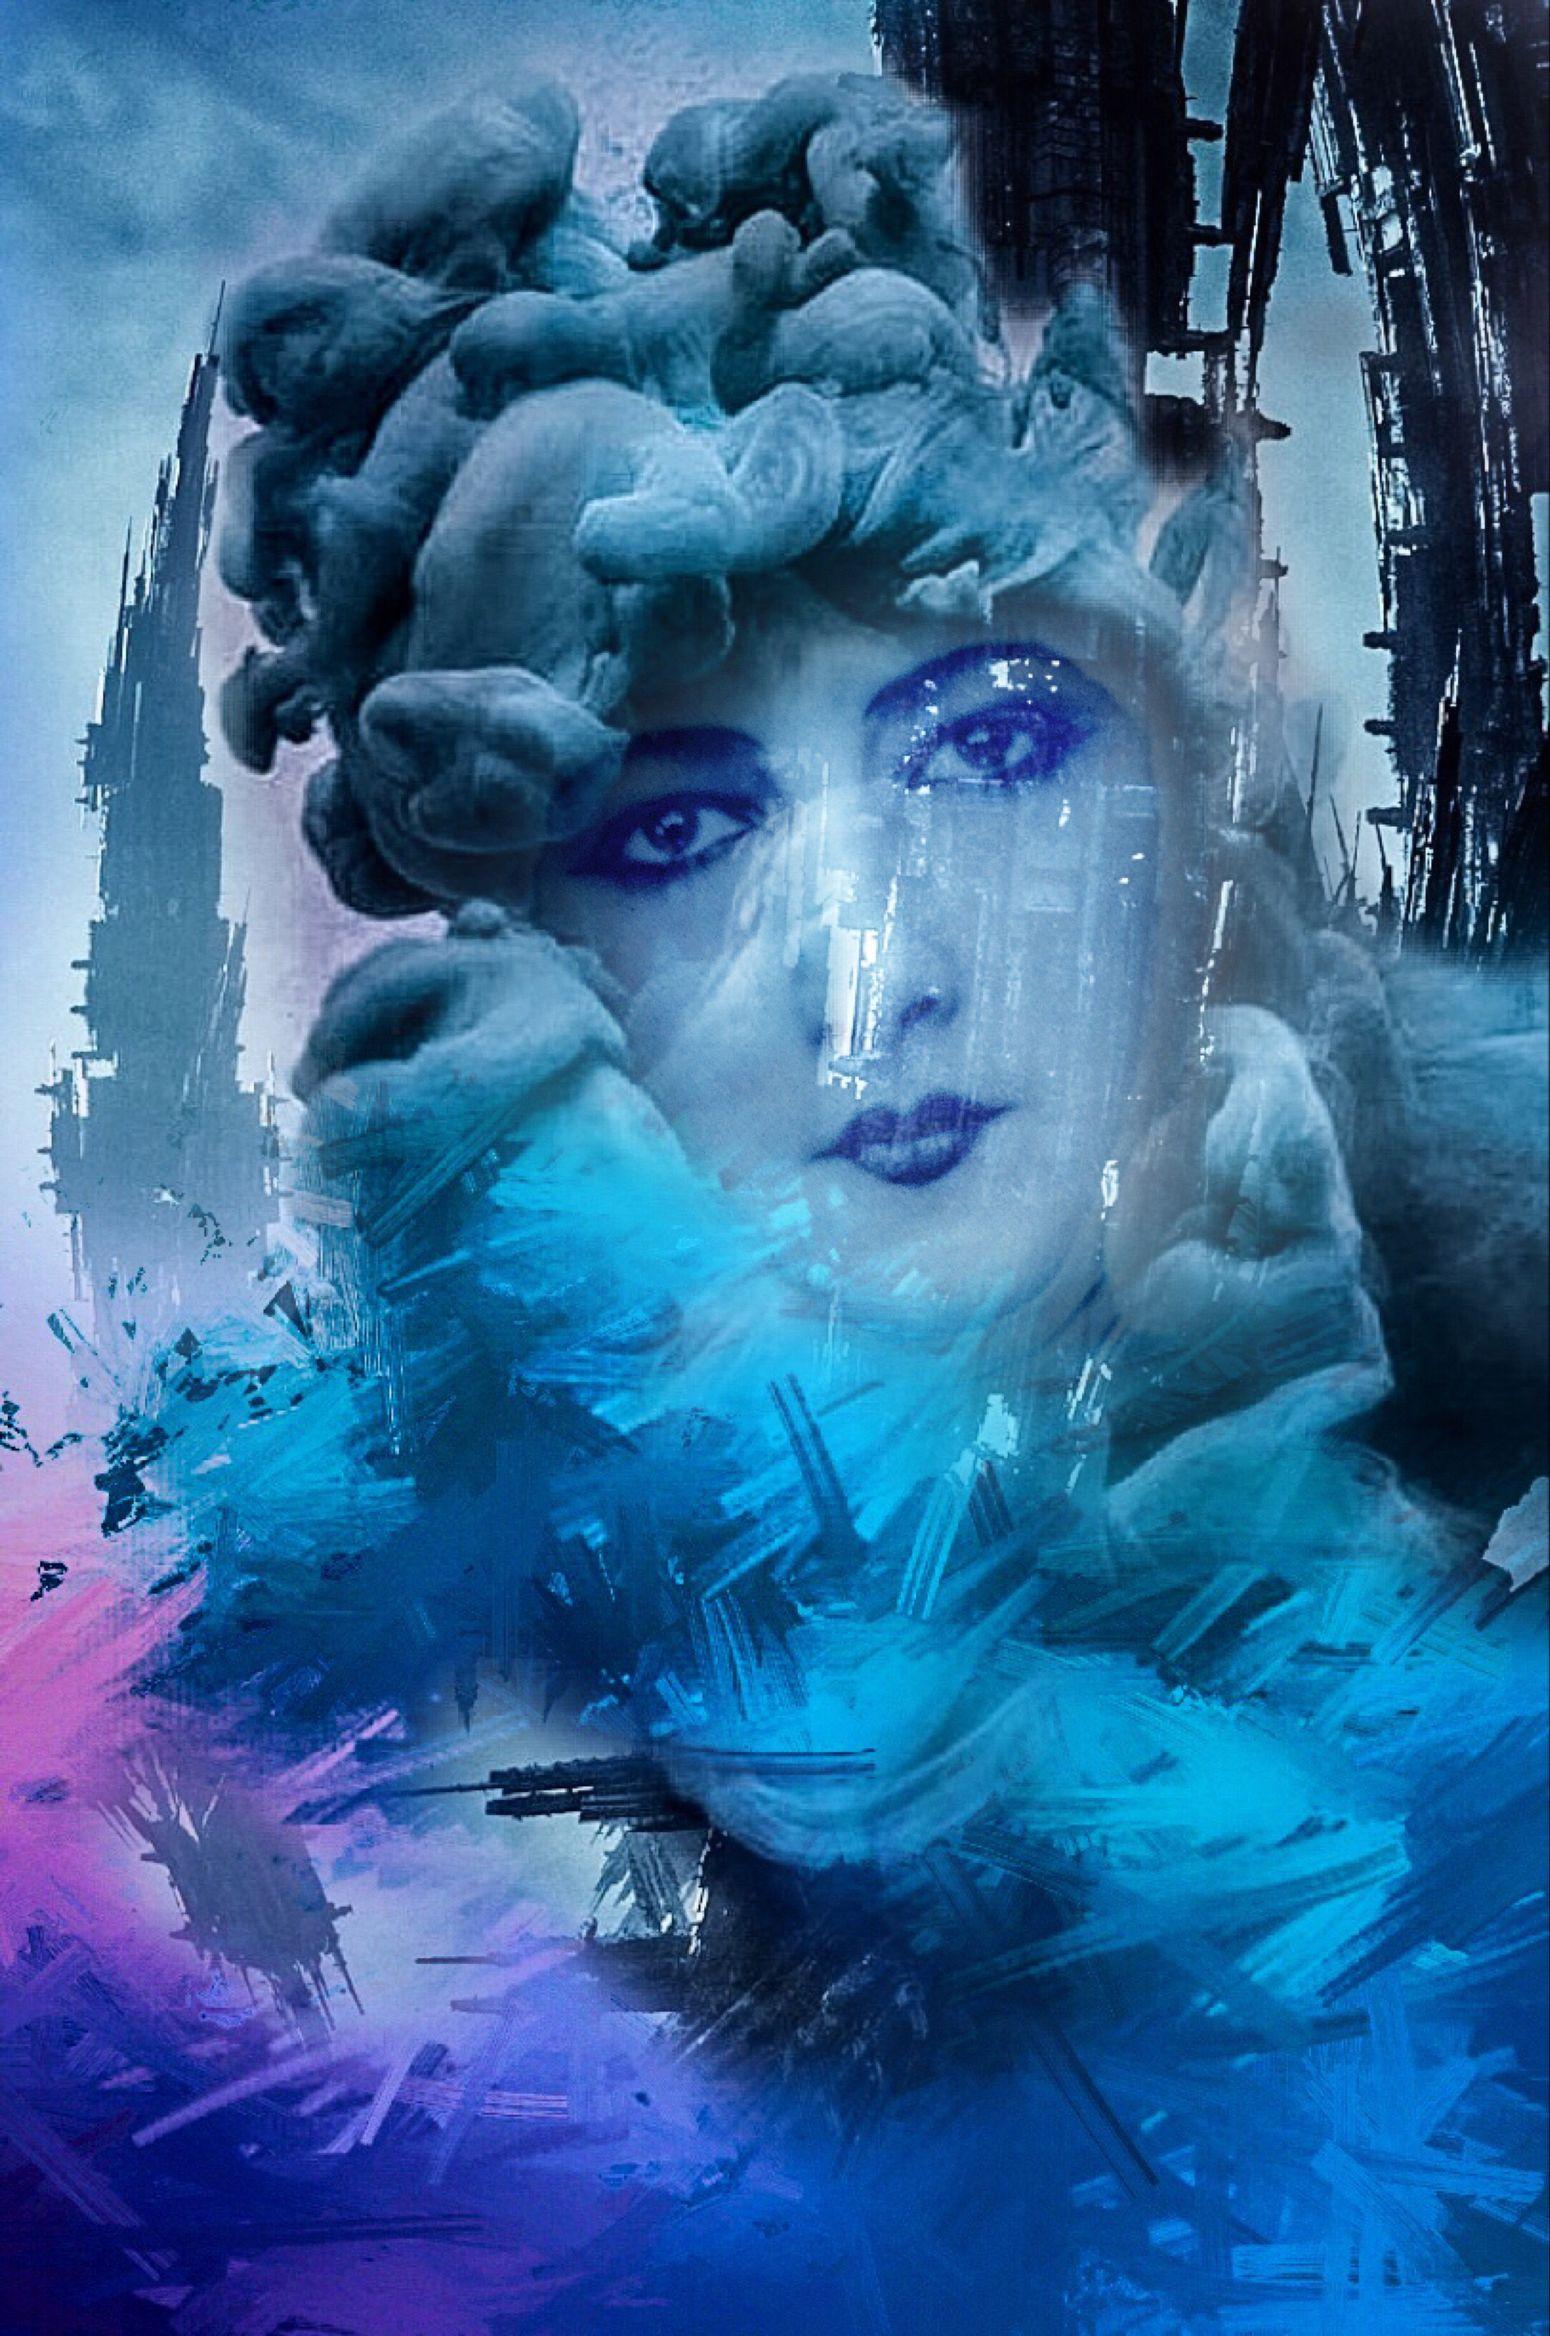 Cloud 9 IM GONE 2THE MOON  Une Femme Perdu Dans L'espace... Human Condition Gonzoism Facial Experiments Photographic Approximation Polychromatic Fumaroles